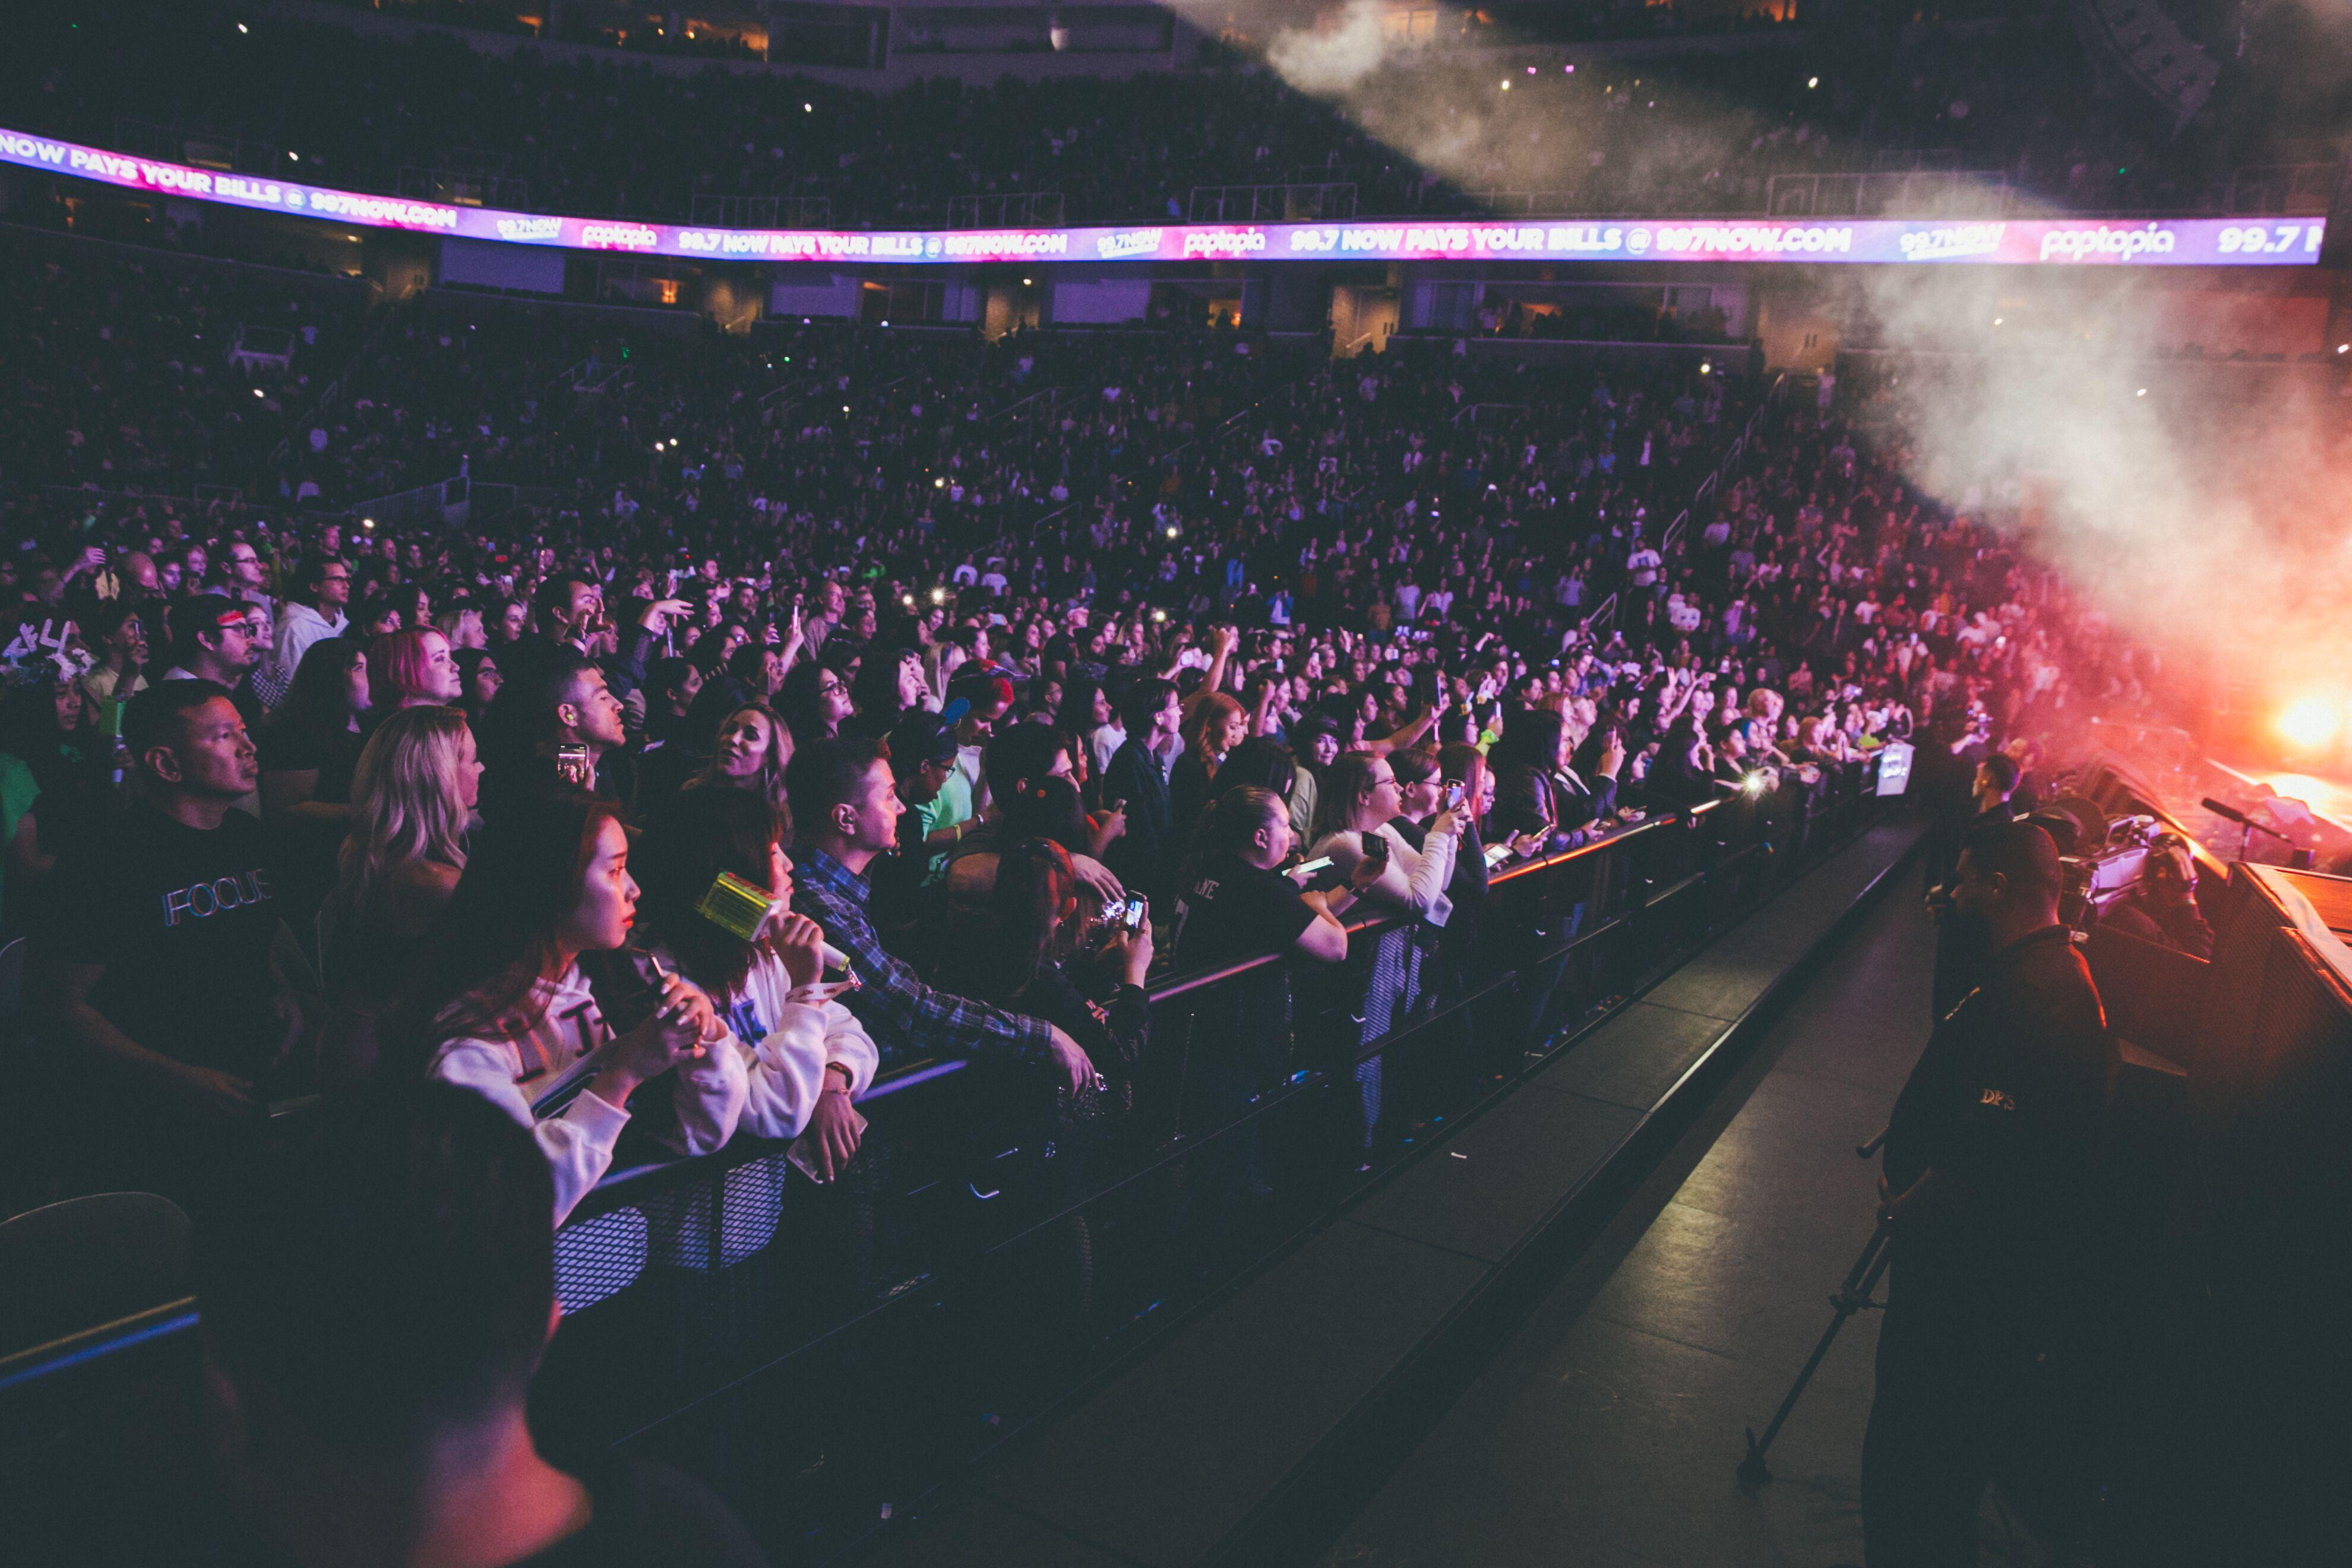 Poptopia concert audience